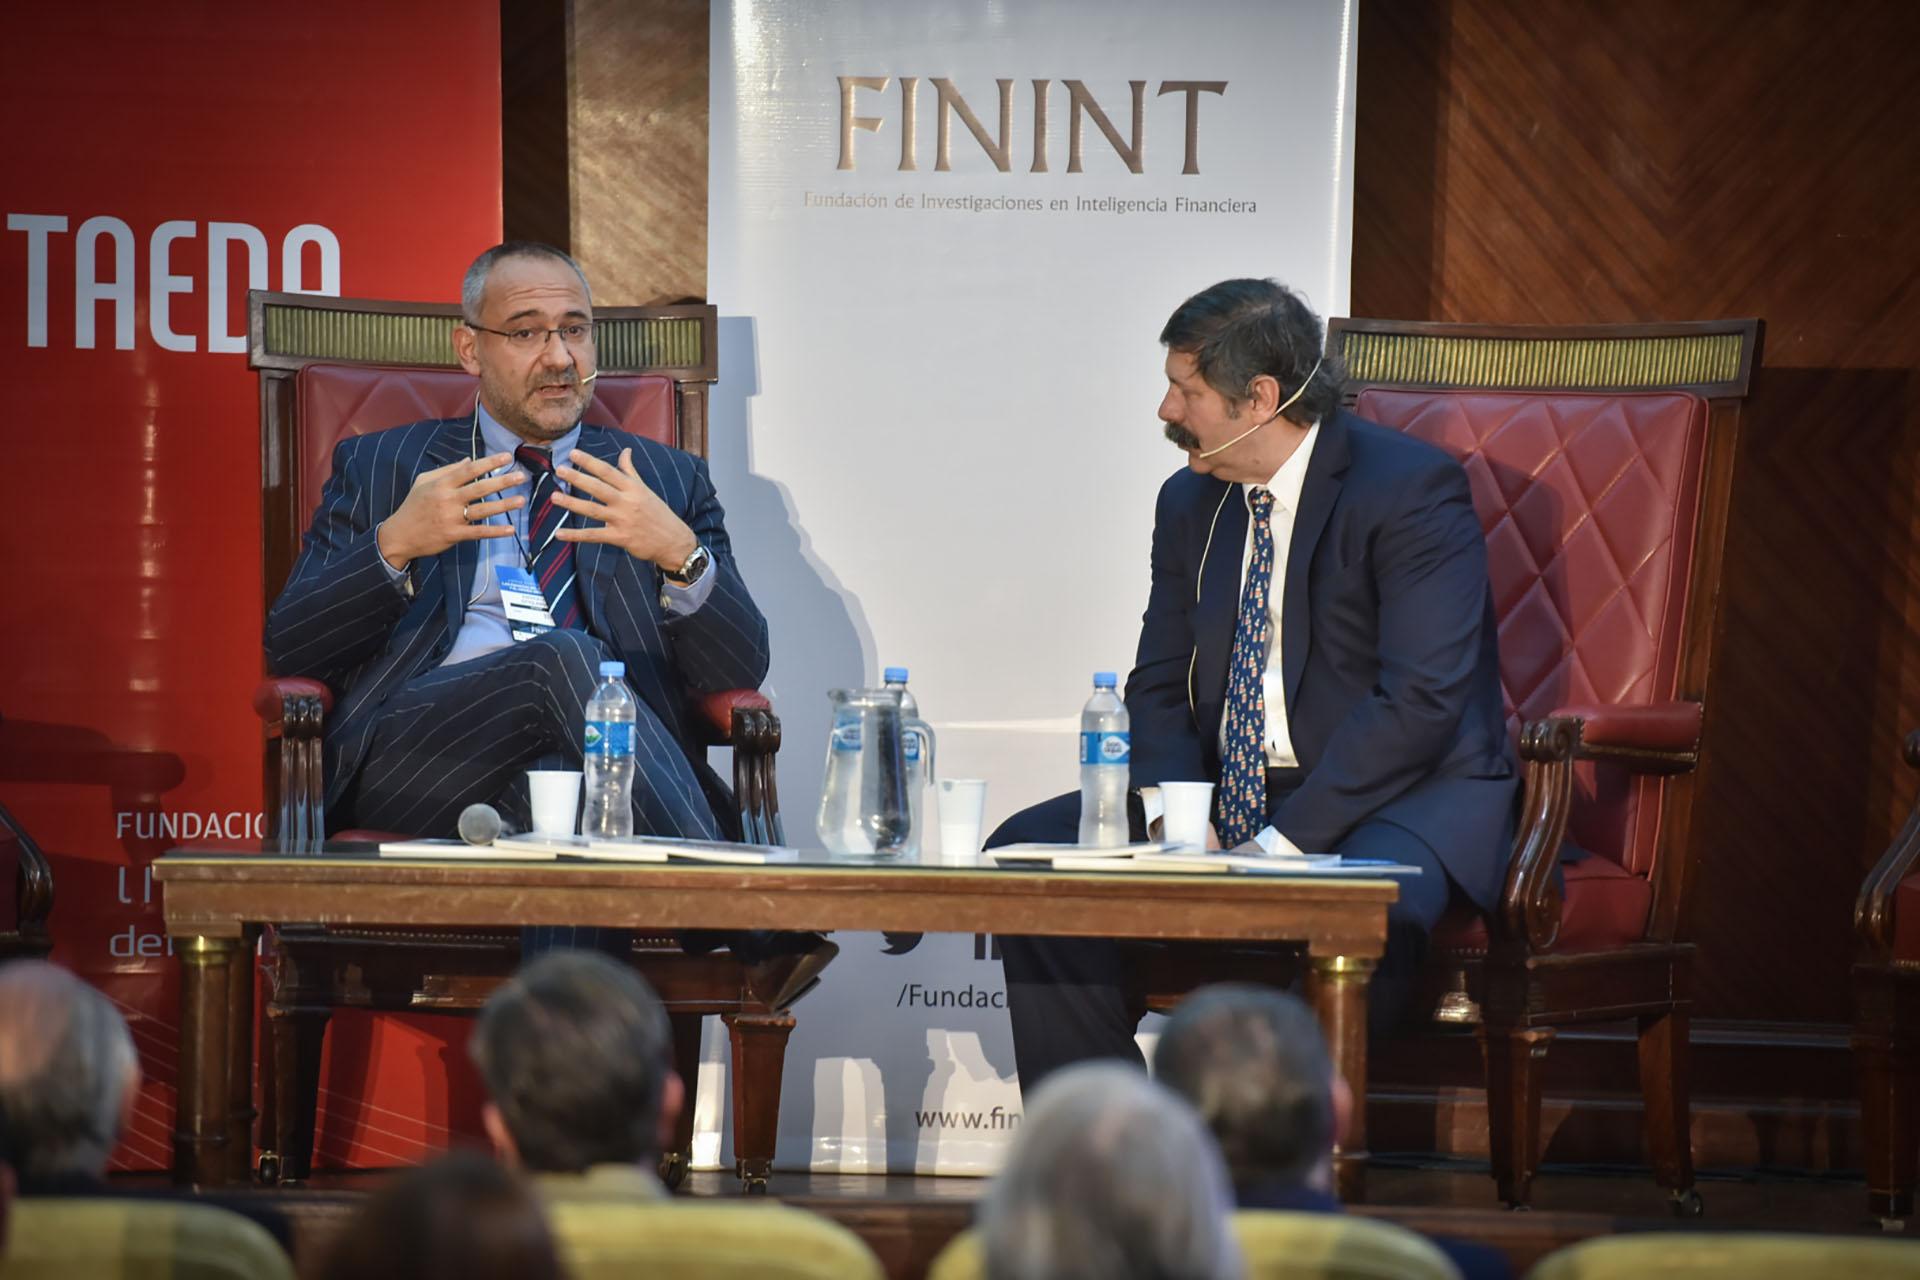 Emanuele Ottolenghi, investigador de la Fundación para la Defensa de la Democracia, junto al periodista Román Lejtman